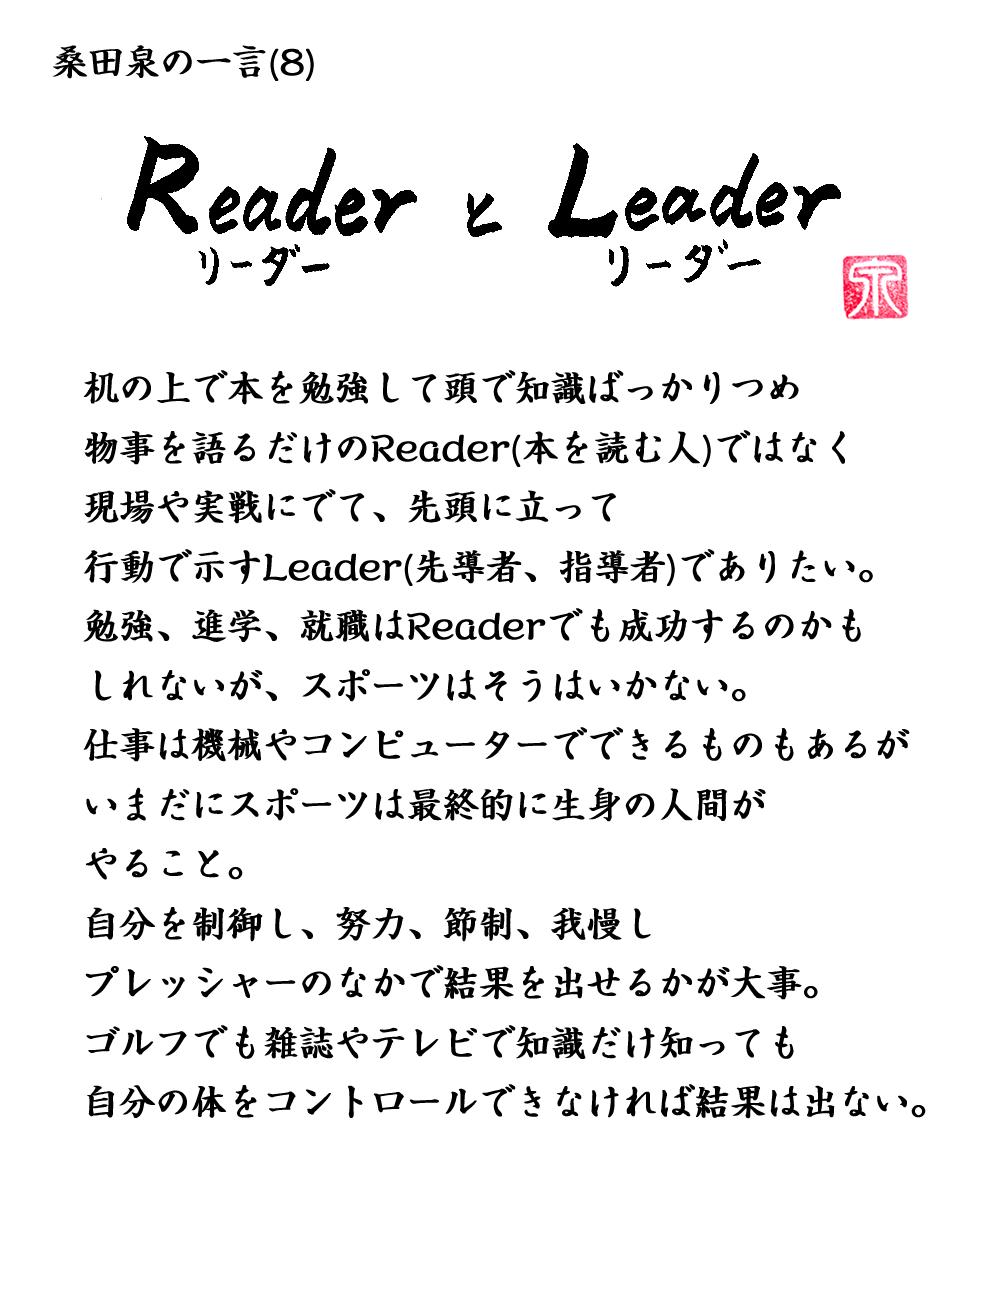 桑田泉の一言 ReaderとLeader 08_20171211